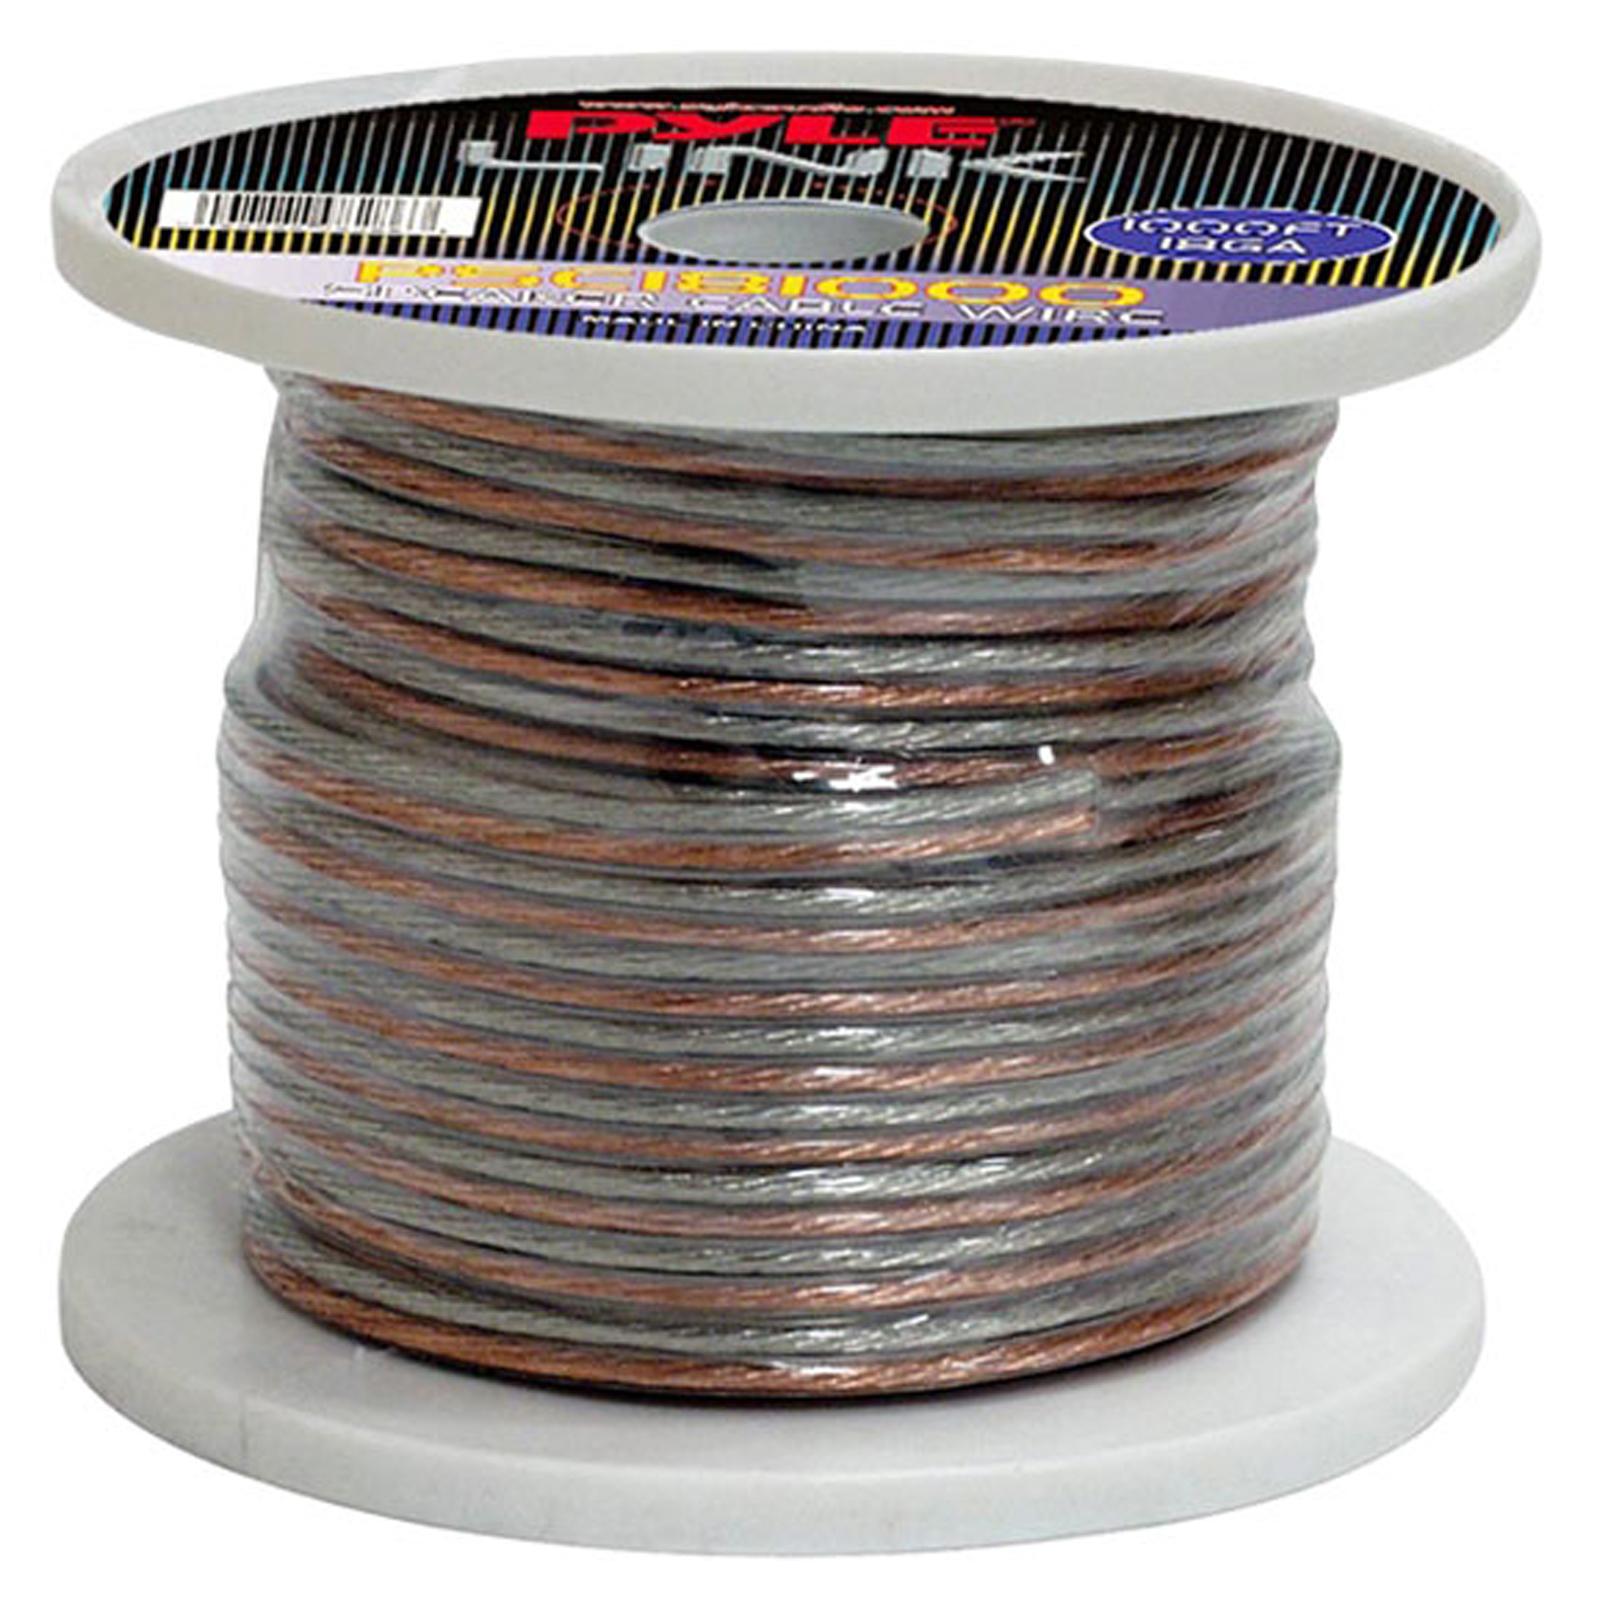 Pyle 18 Gauge 1000 ft. Spool of High Quality Speaker Zip ...